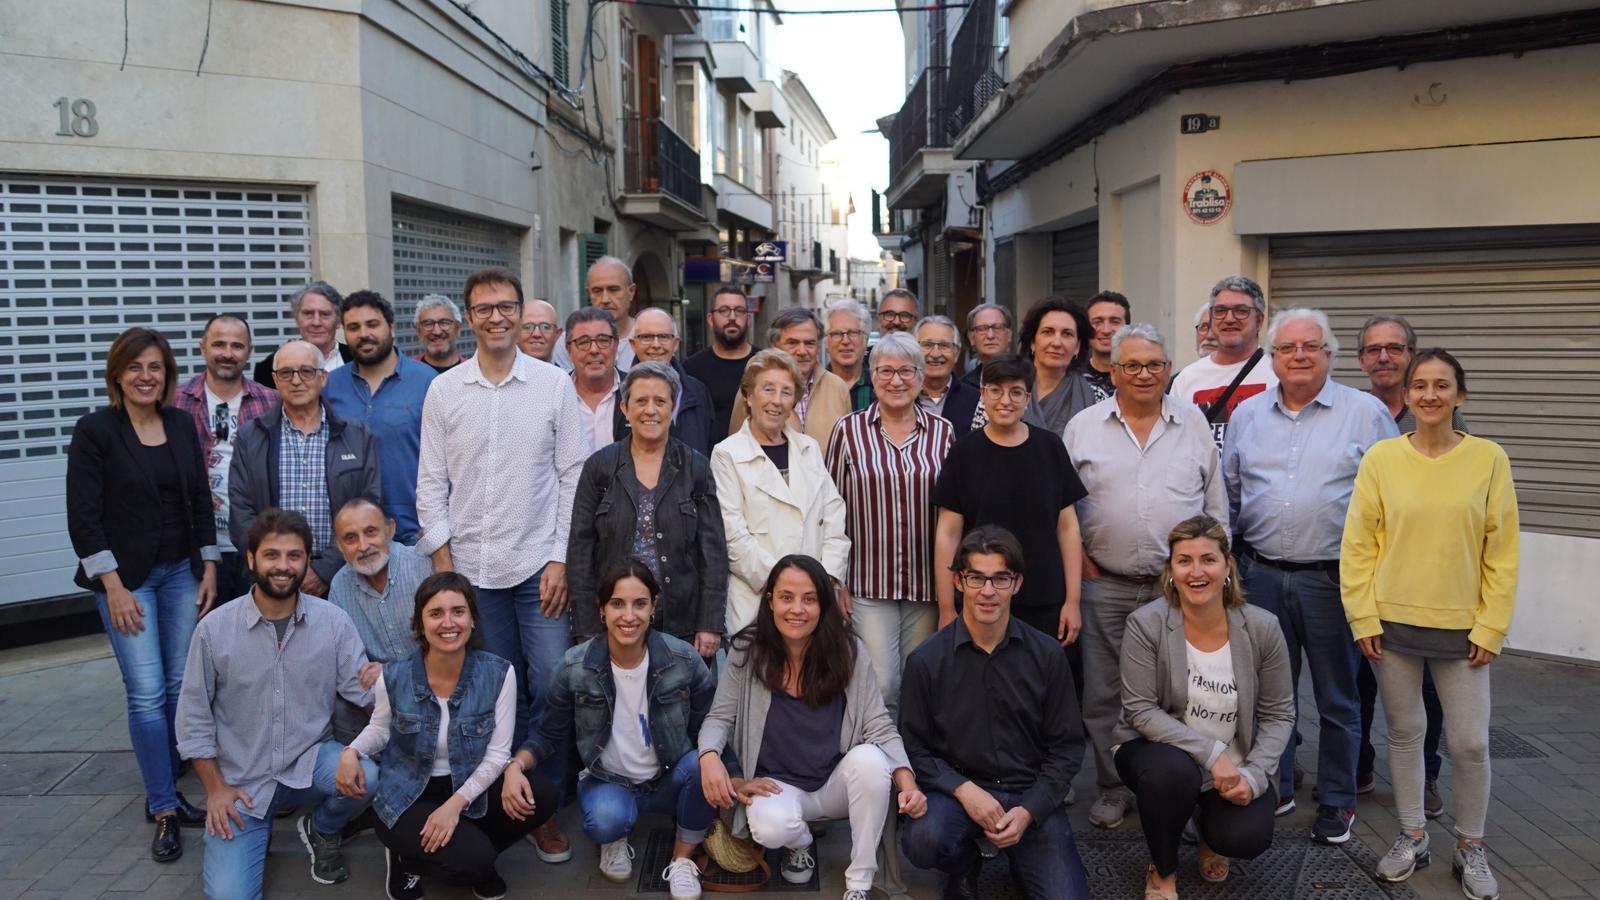 Imatge dels veterans dels grups d'esquerra amb el membres de la candidatura actual.